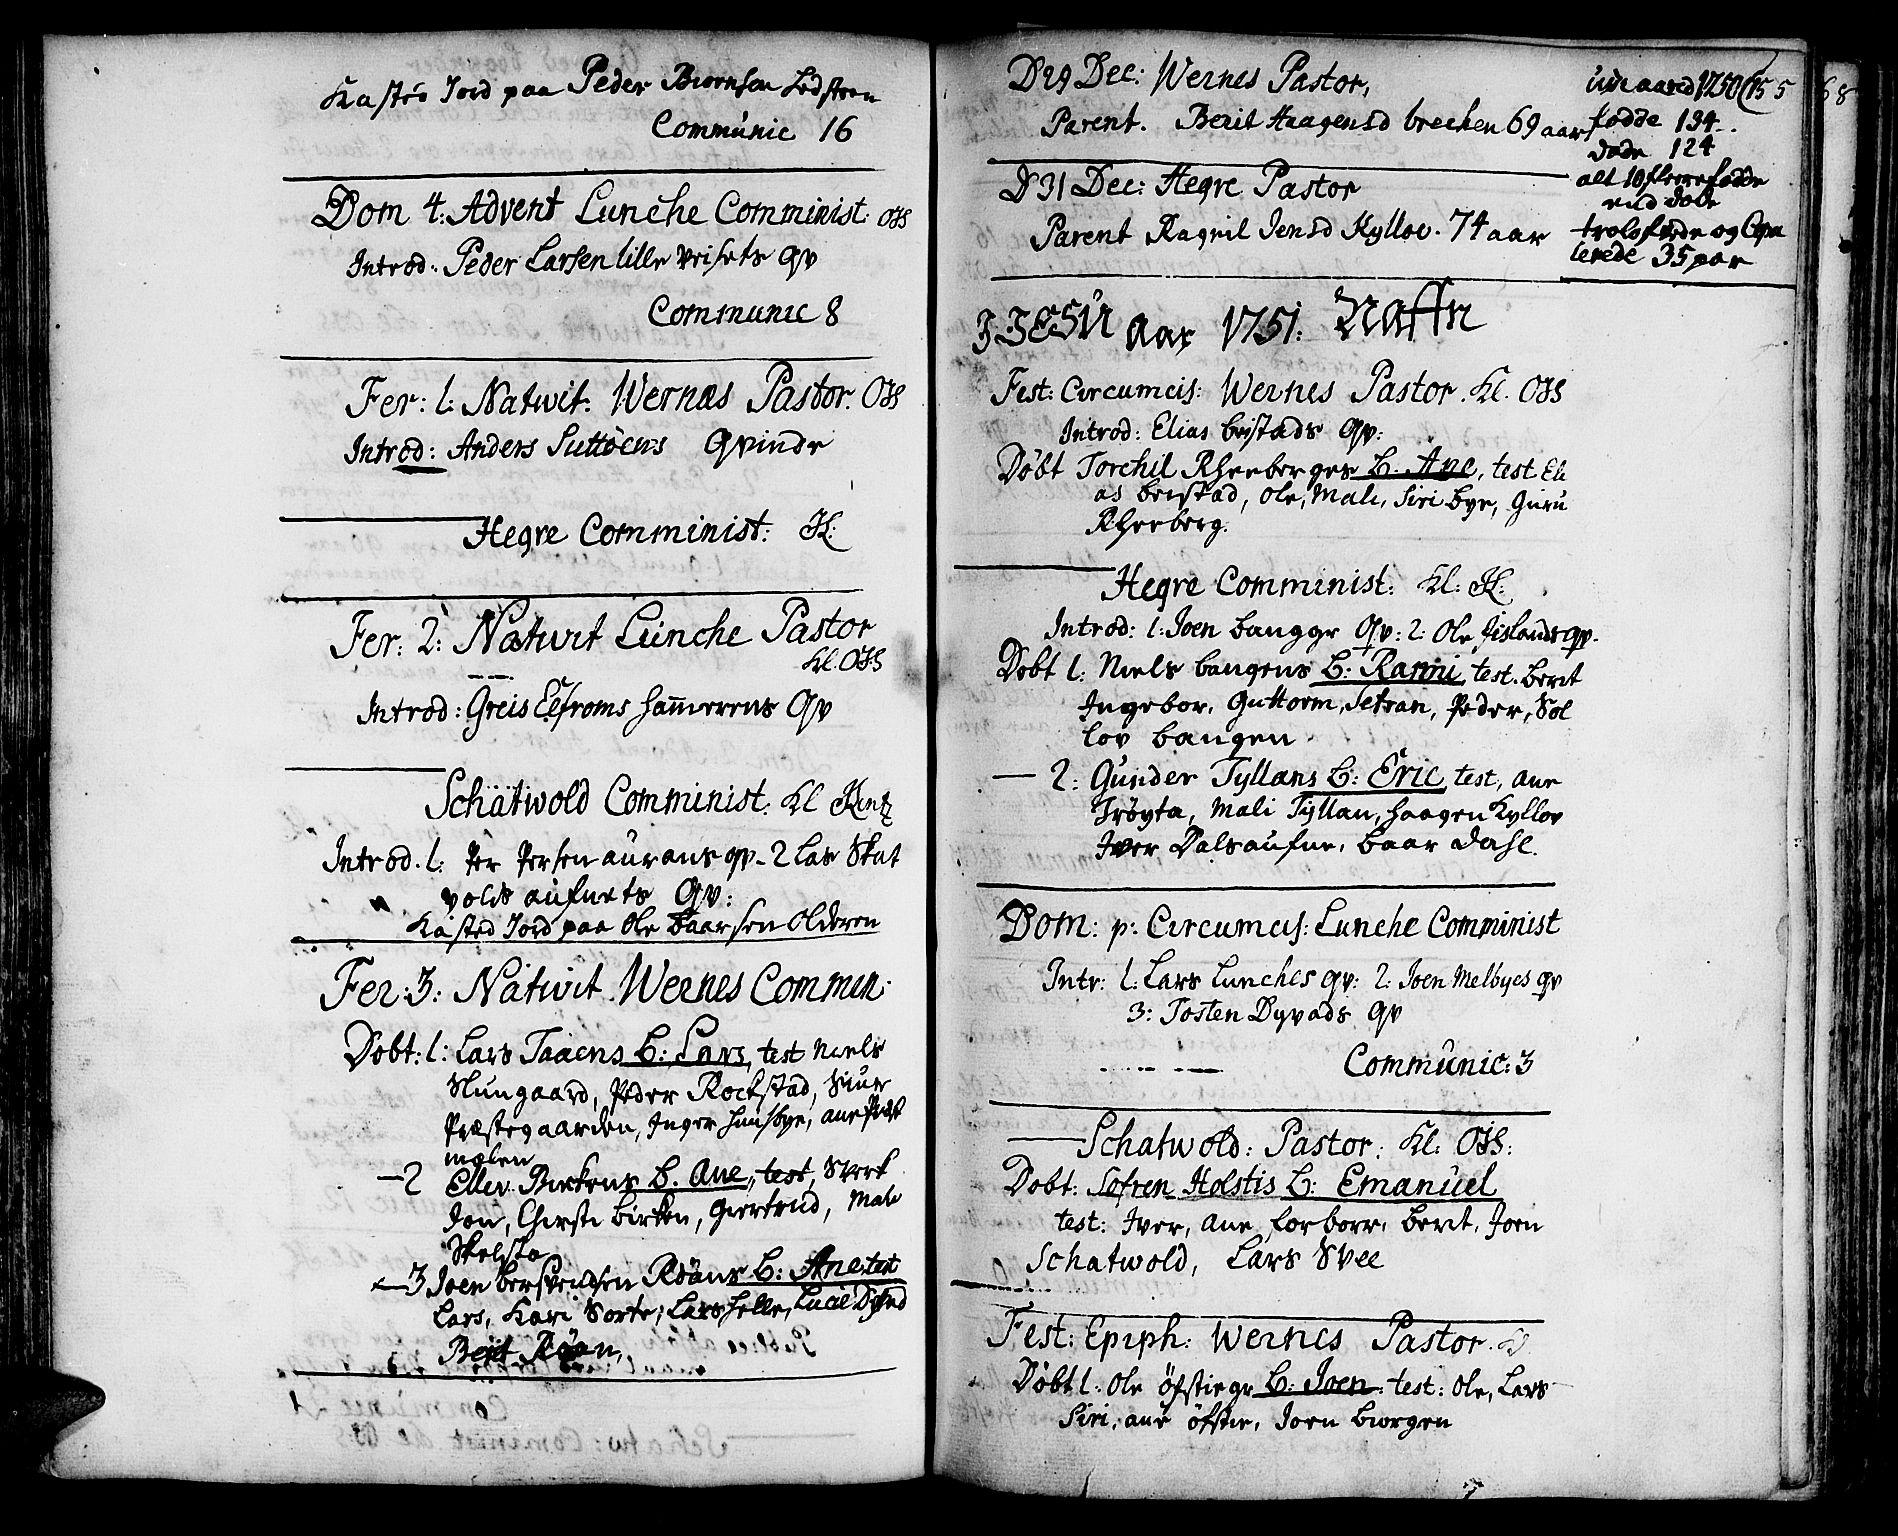 SAT, Ministerialprotokoller, klokkerbøker og fødselsregistre - Nord-Trøndelag, 709/L0056: Ministerialbok nr. 709A04, 1740-1756, s. 155